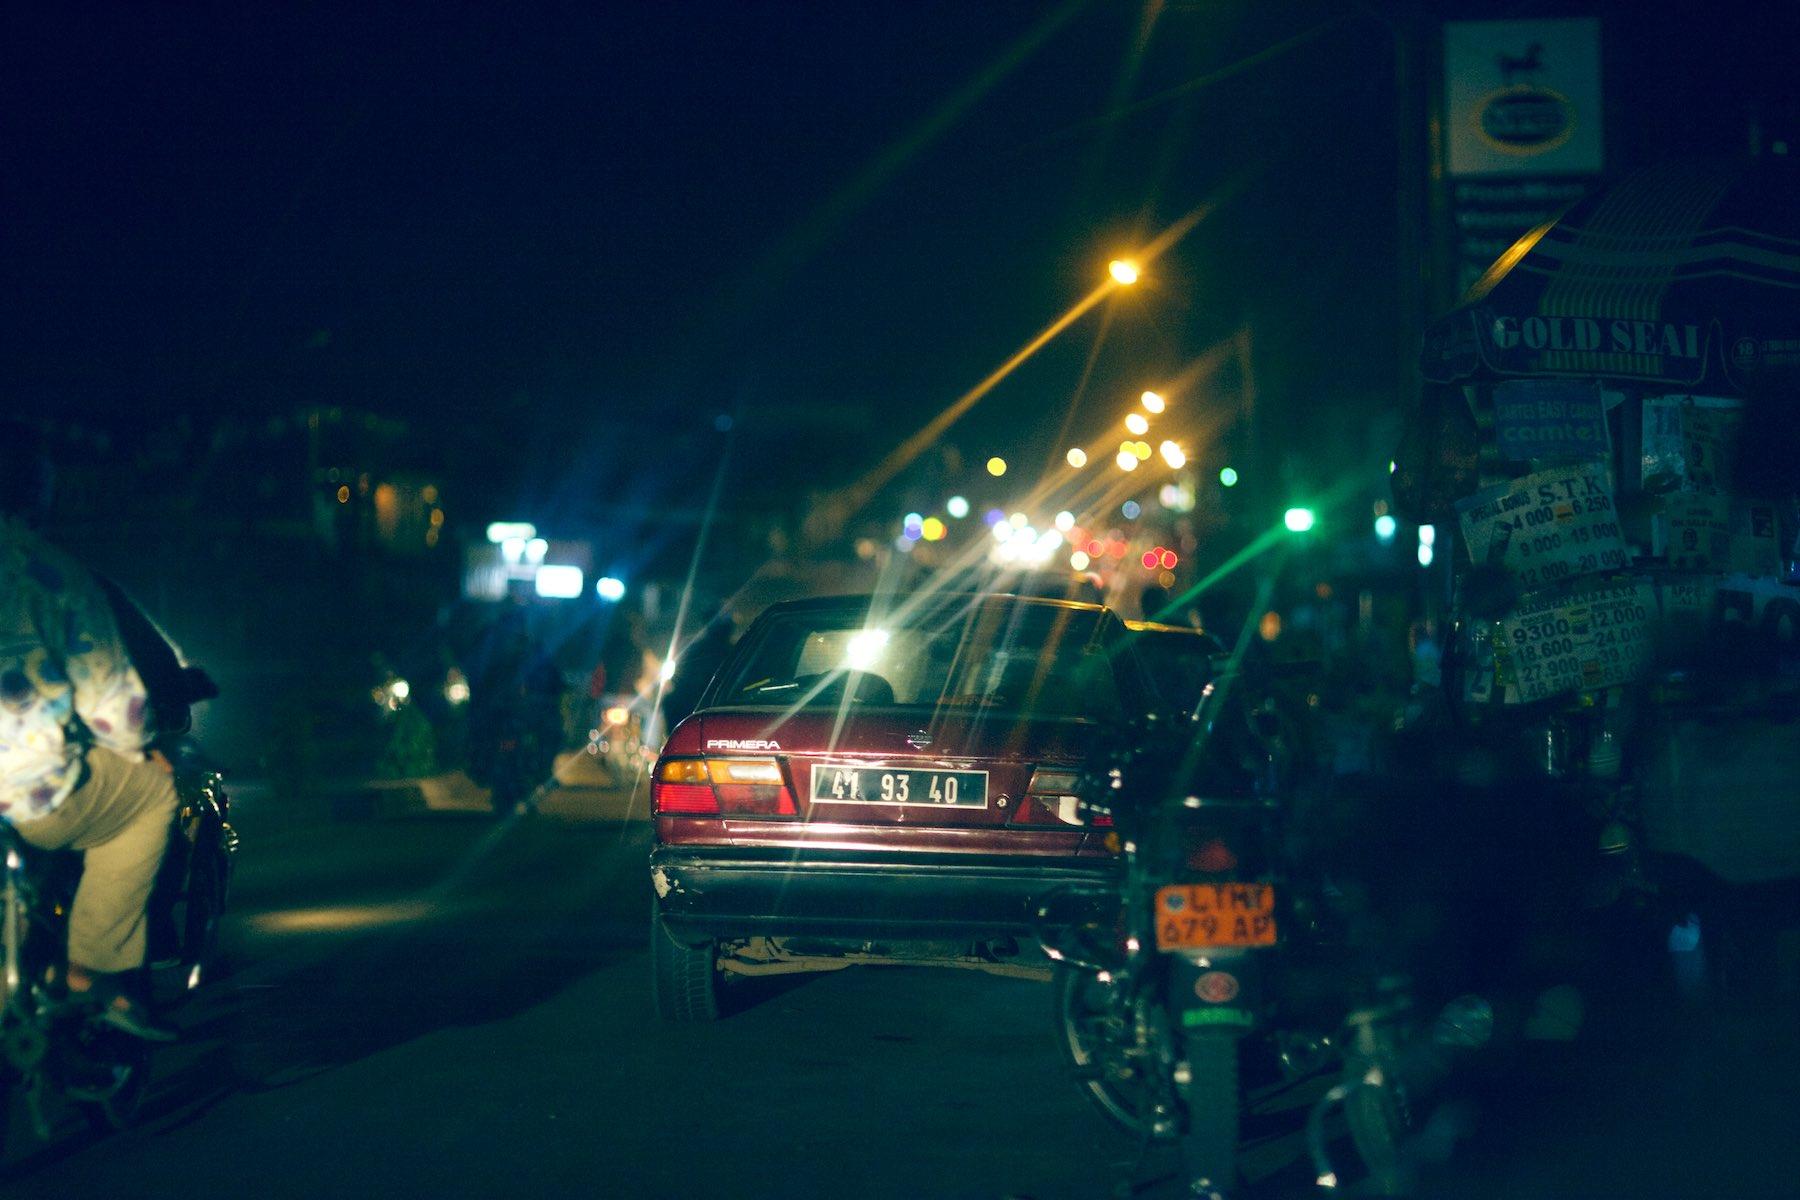 Nightlife in Douala 2011